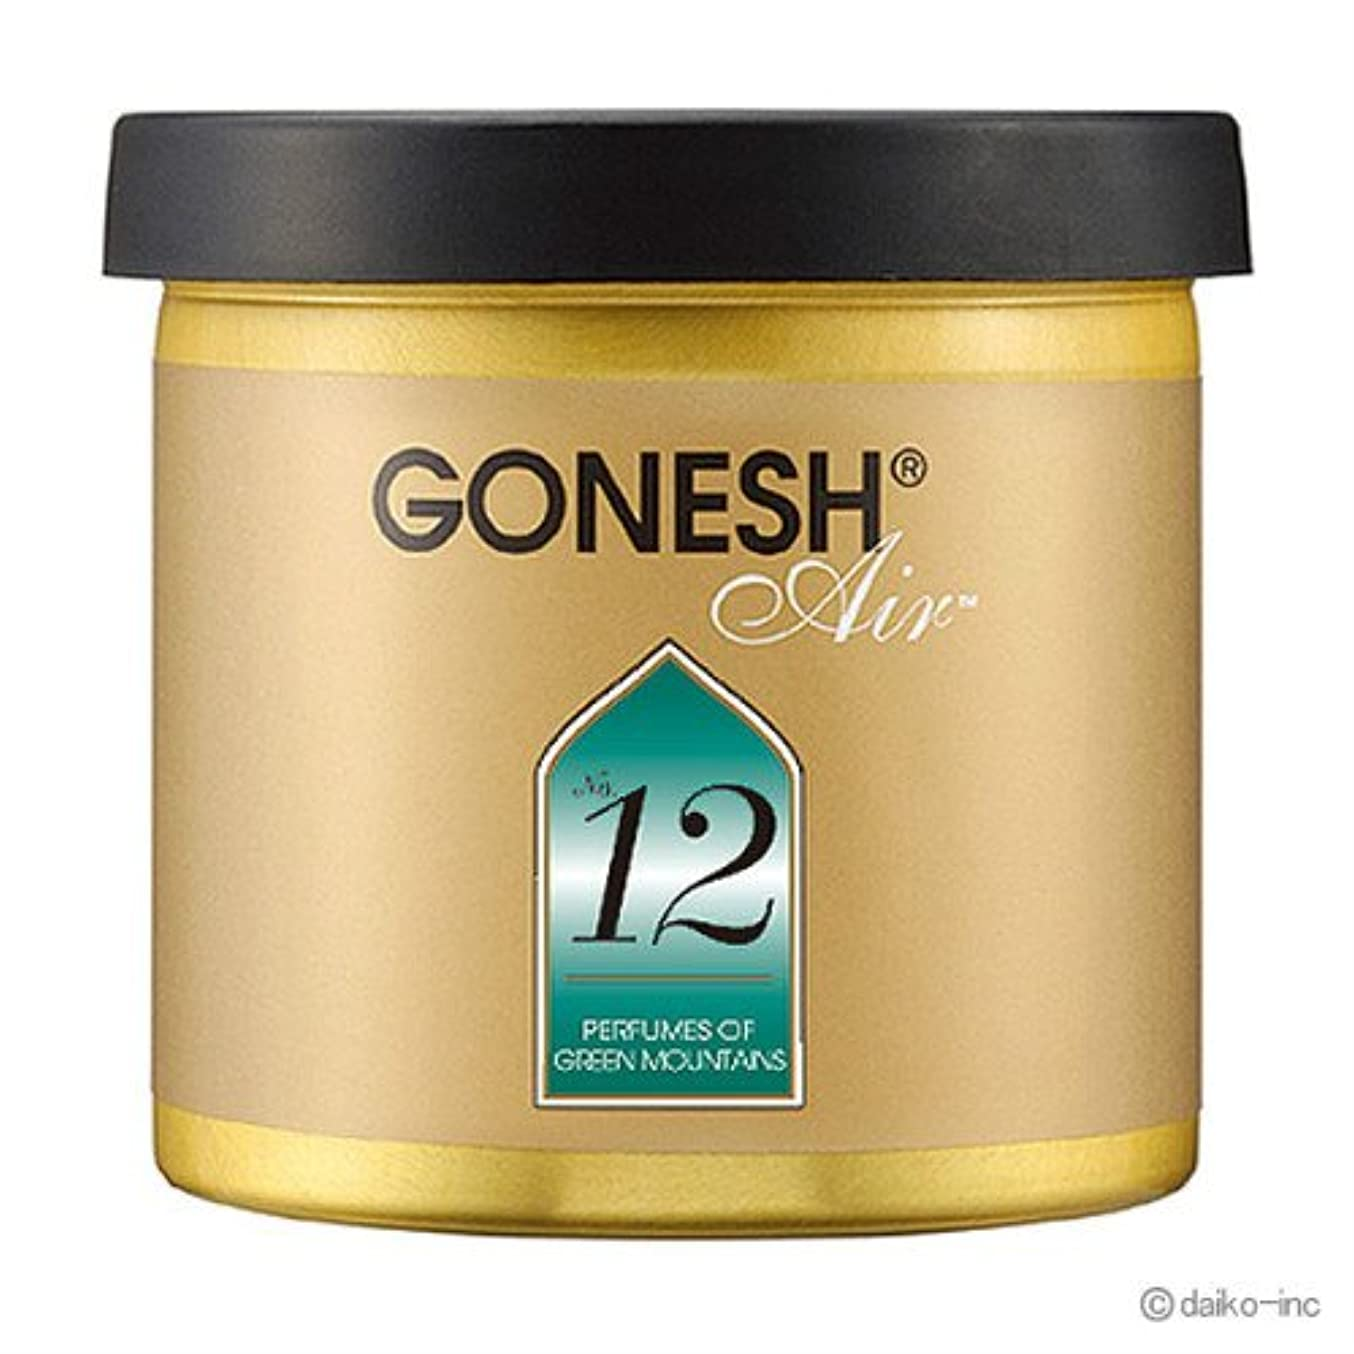 脳膿瘍あいまいガーネッシュ GONESH クラシック No.12 ゲルエアフレッシュナー